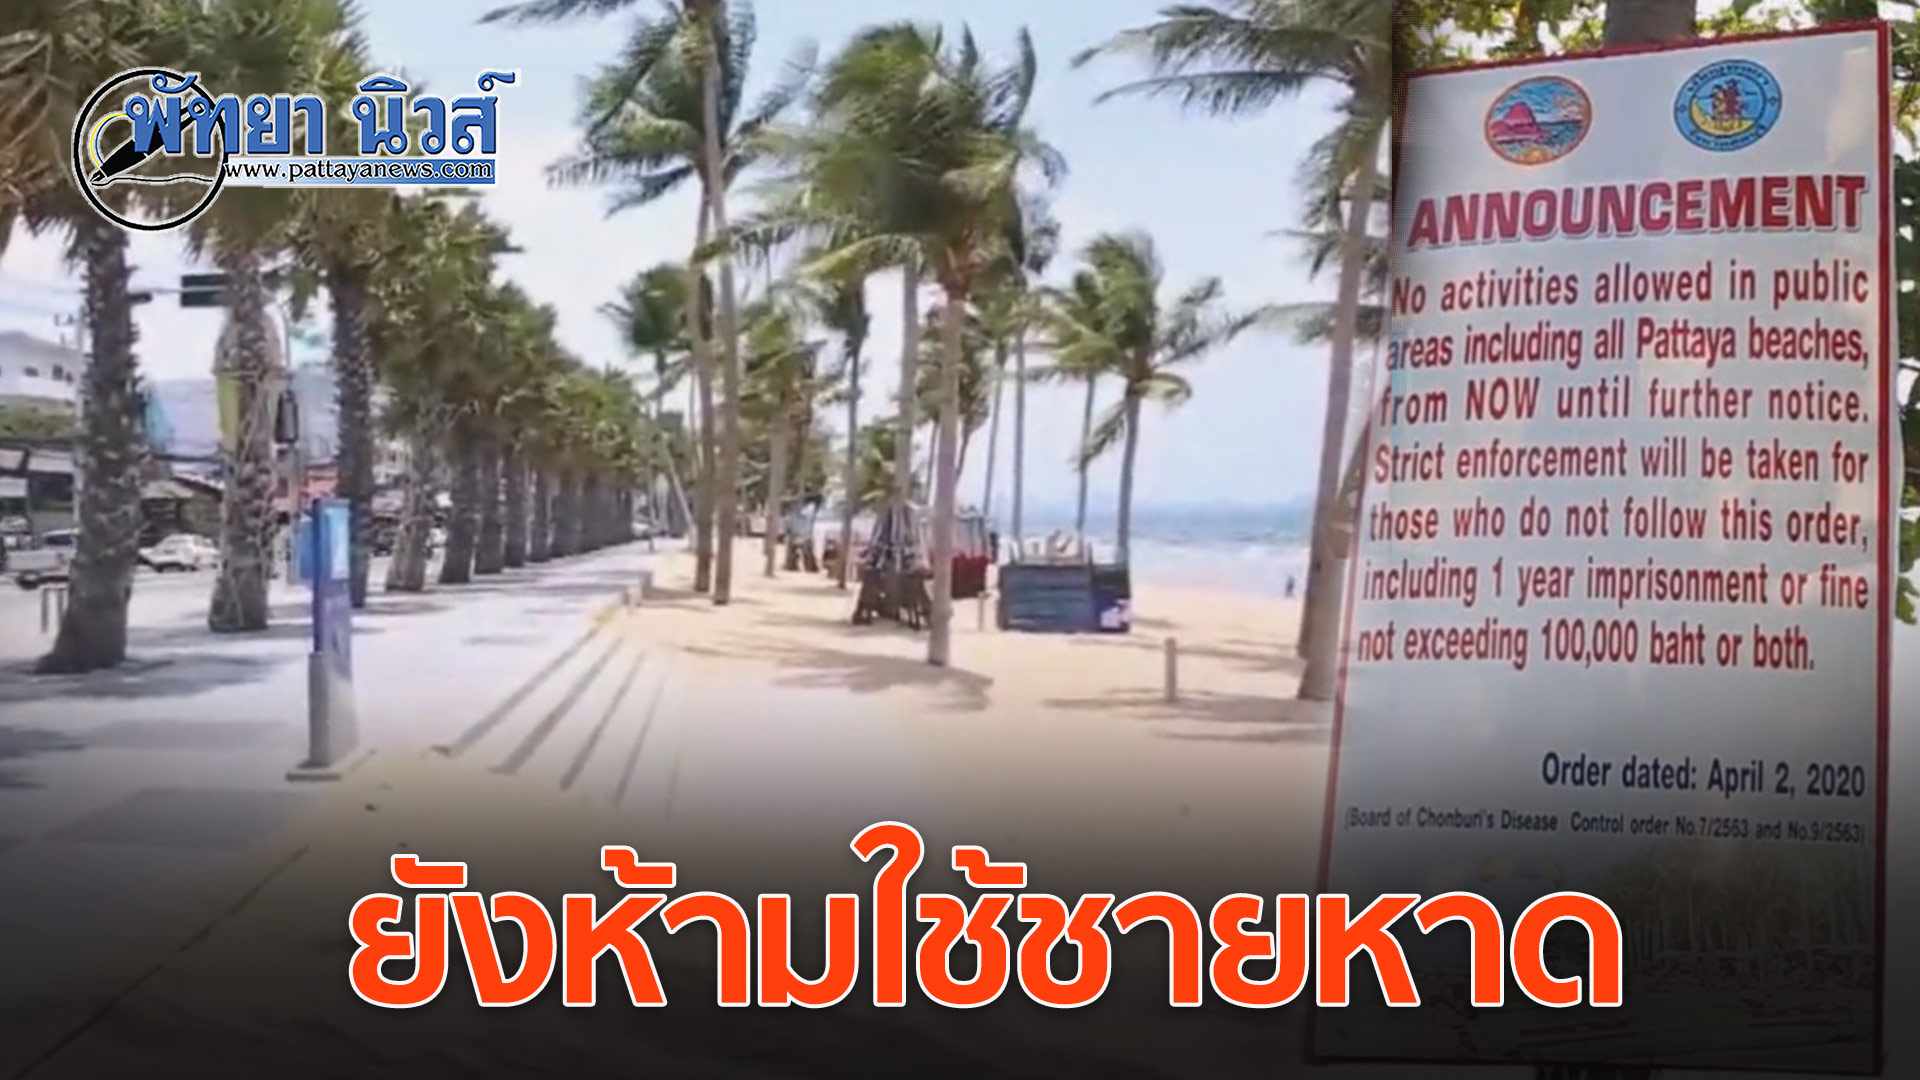 พัทยา คุมเข้มนักท่องเที่ยวห้ามใช้พื้นที่ชายหาด 9 จุด แต่ผ่อนปรนใช้พื้นที่ทางเท้าได้